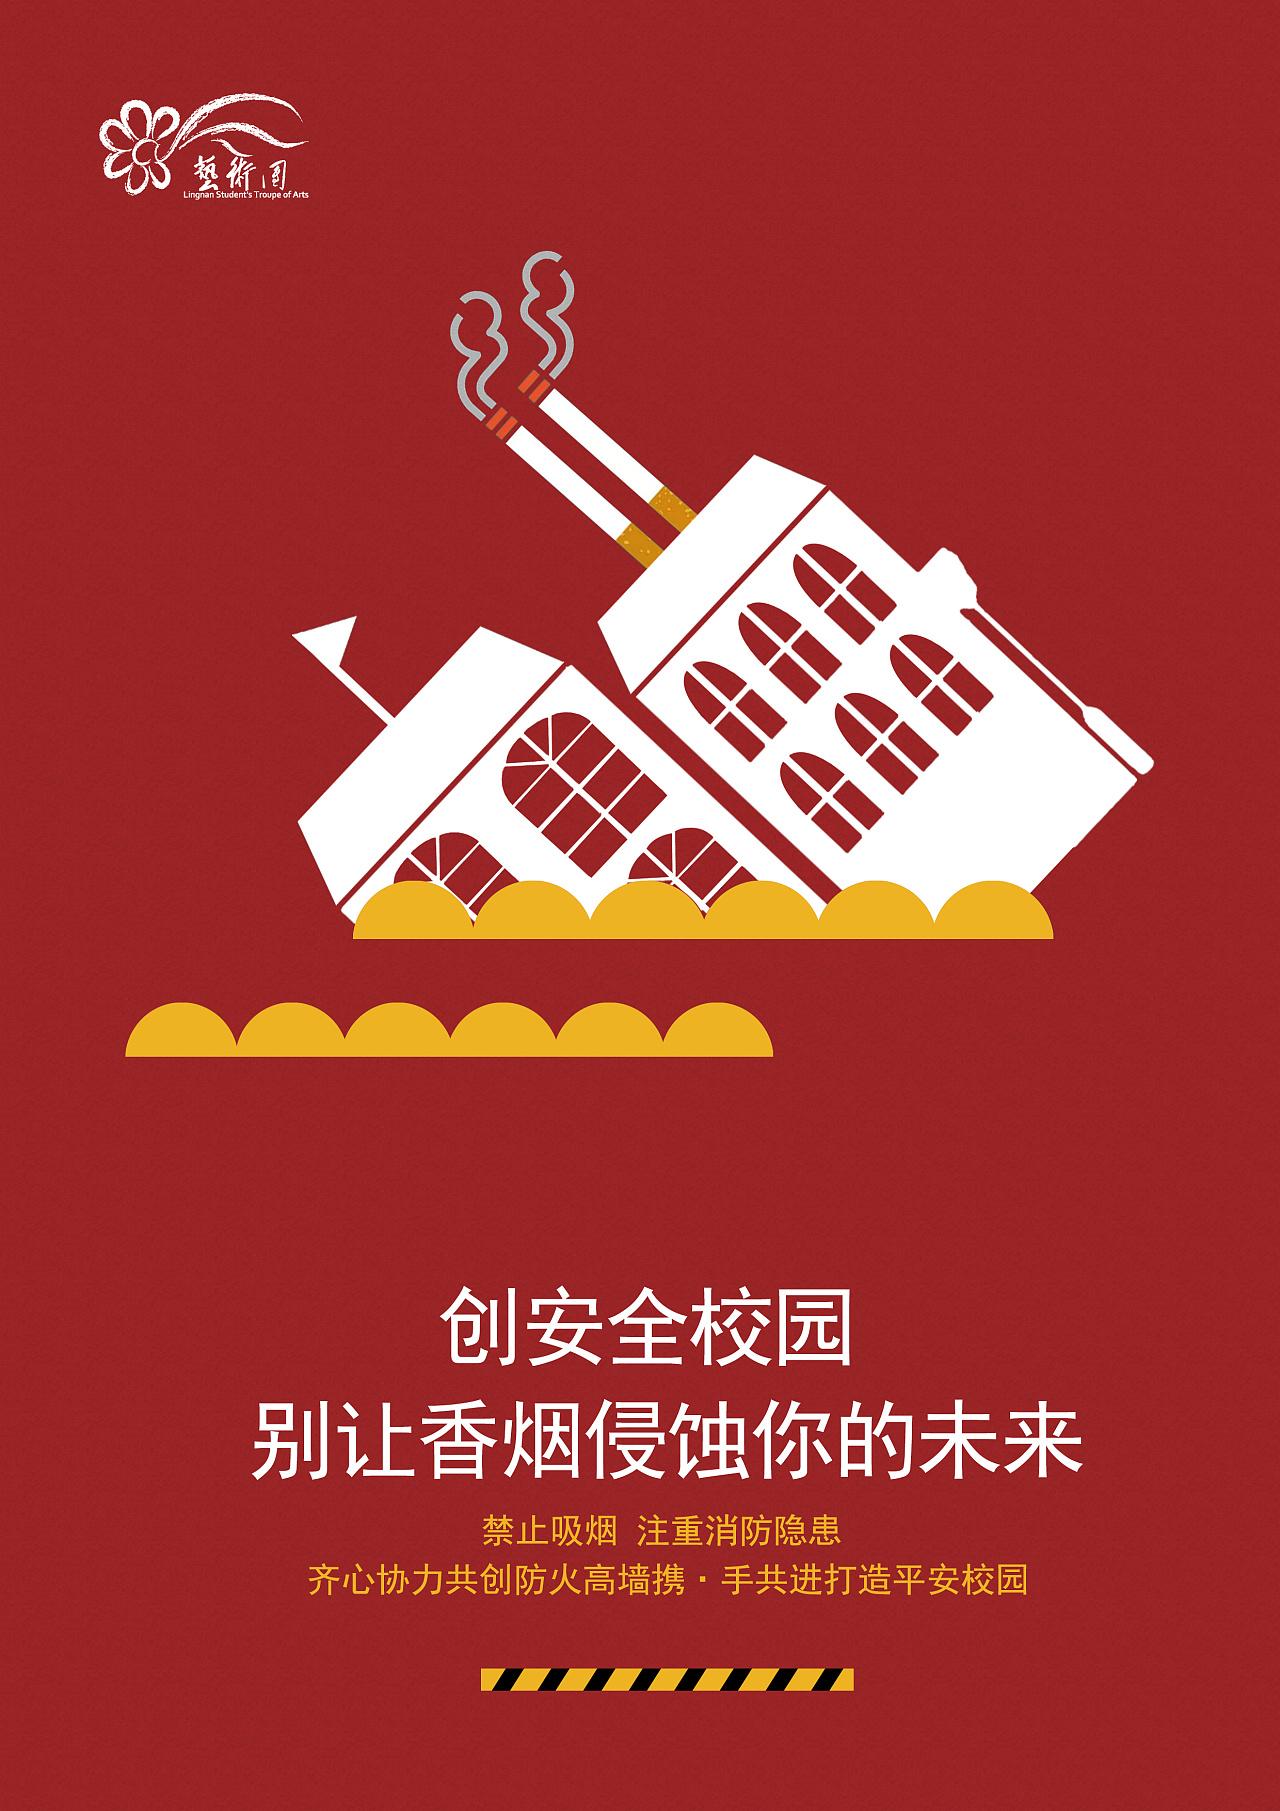 校园海报素材_校园安全海报|平面|海报|肖恩鸭 - 原创作品 - 站酷 (ZCOOL)